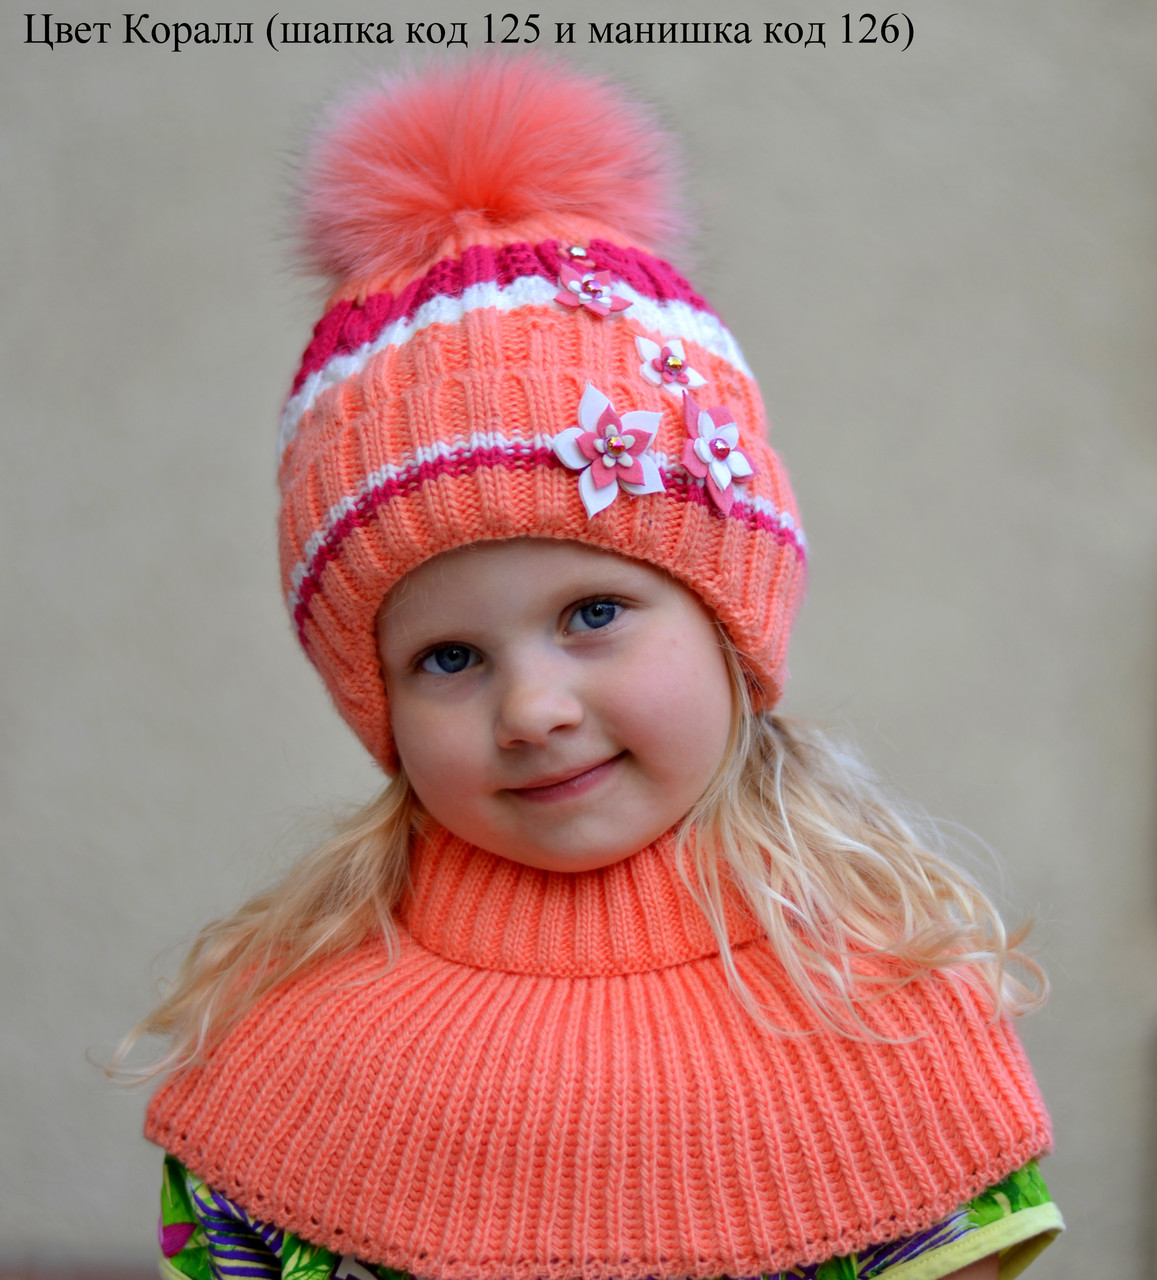 В россии континентальный климат и он создает особенно суровую зиму